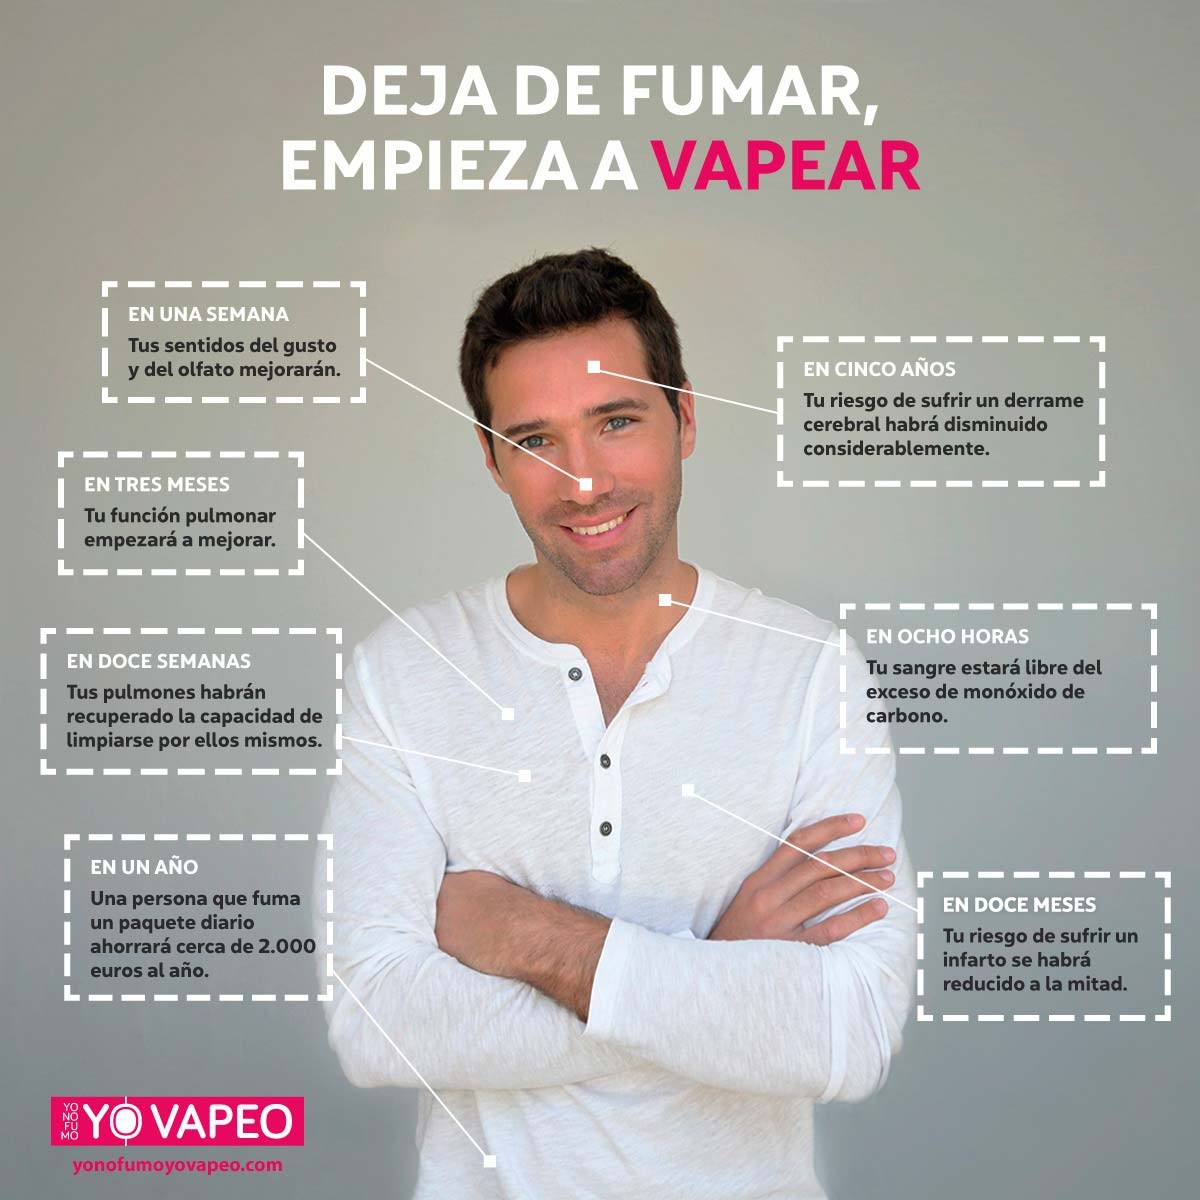 Infografía - Deja de Fumar y Empieza a Vapear | Yonofumoyovapeo